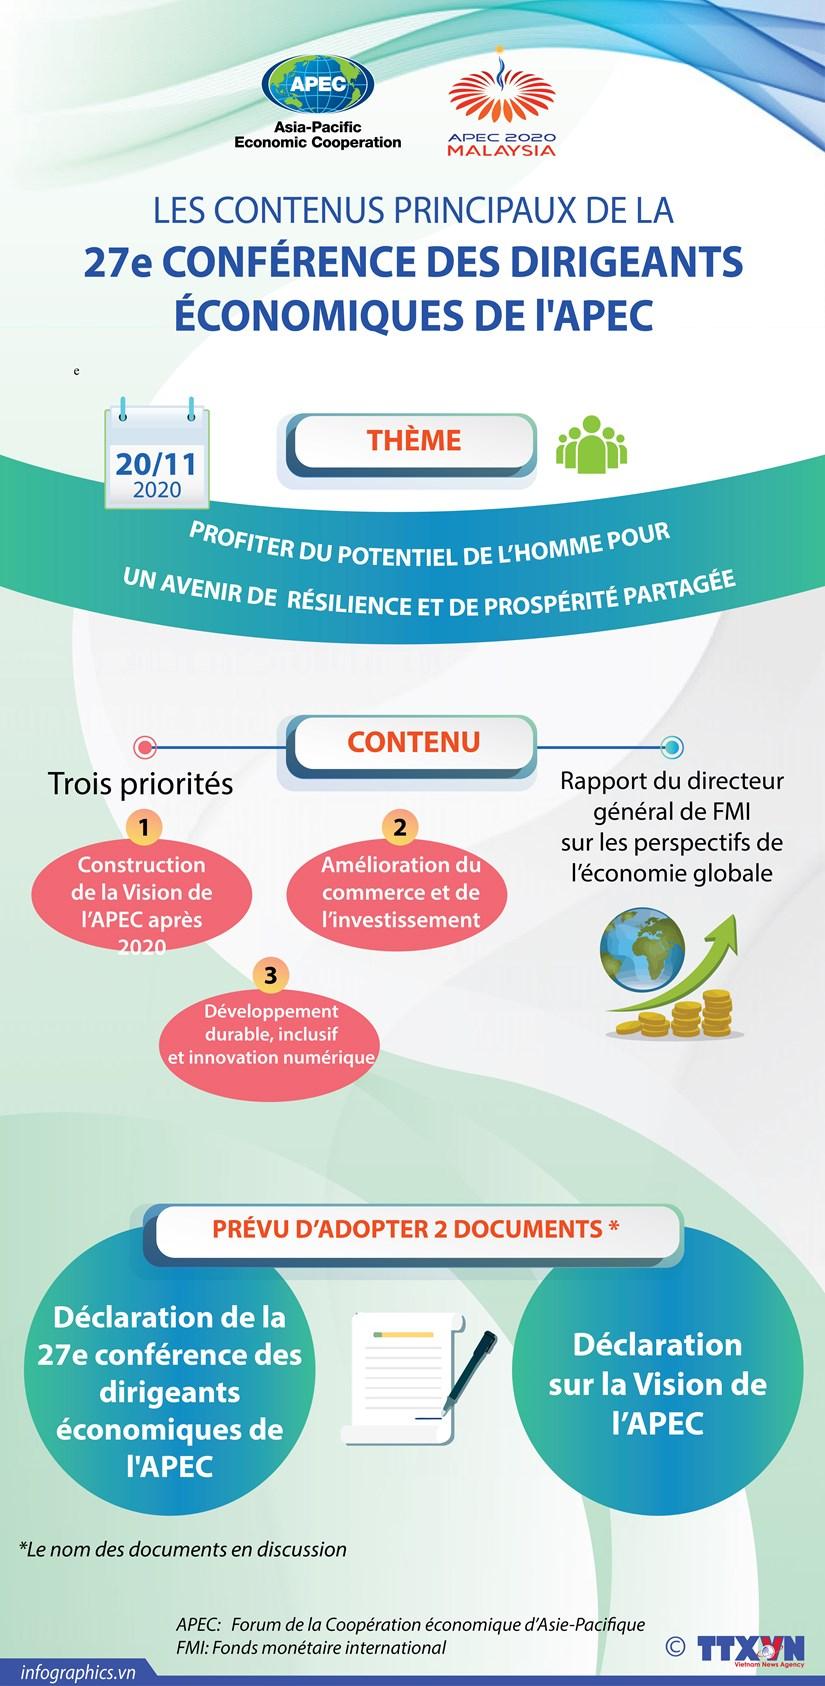 Les contenus principaux de la 27e Conference des dirigeants economiques de l'APEC hinh anh 1